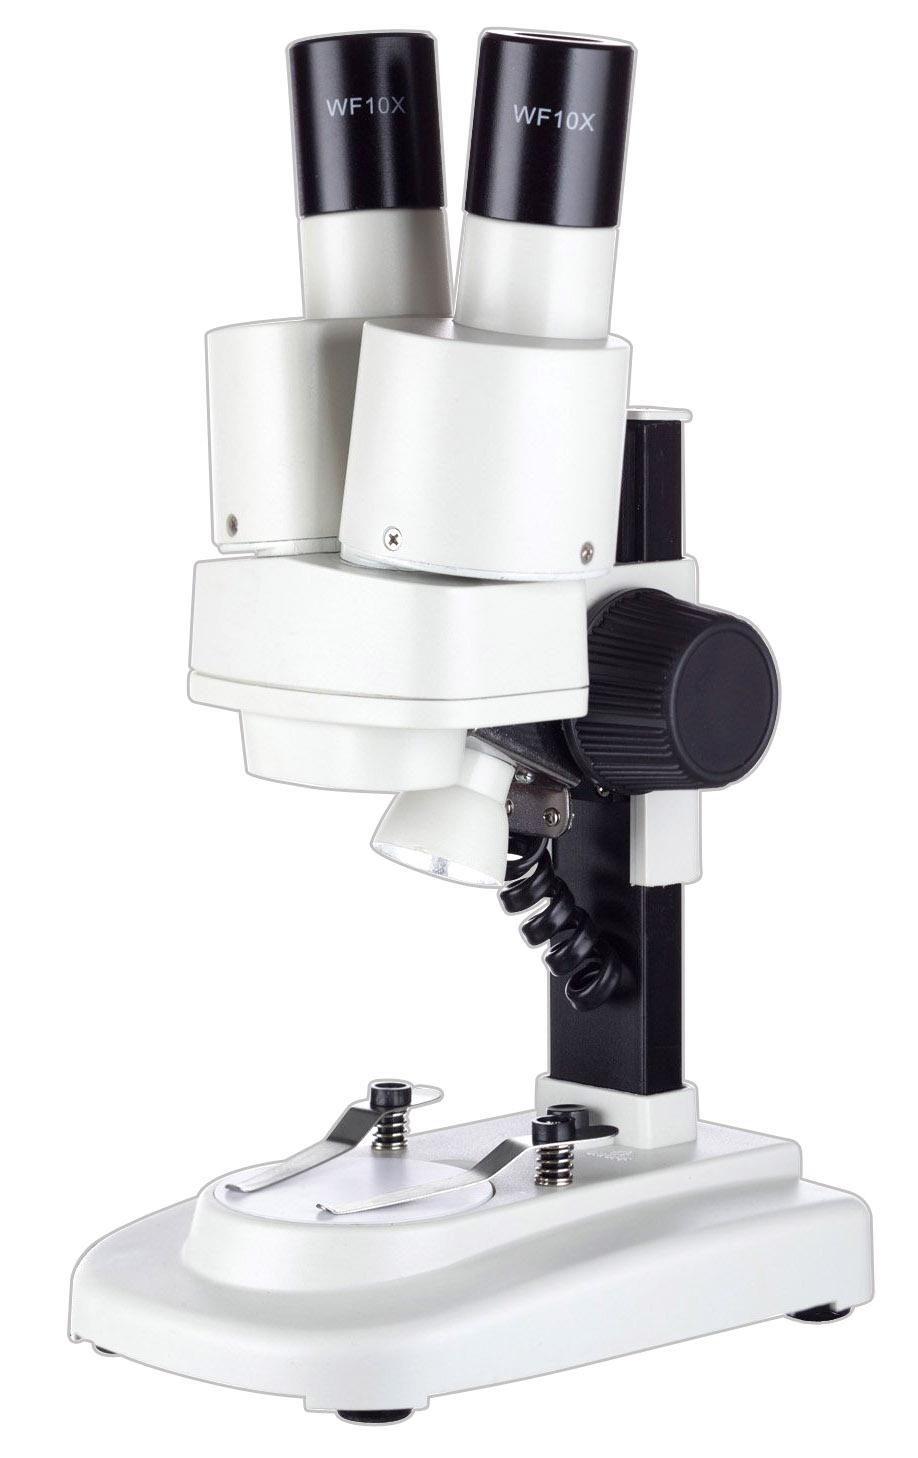 Remek mikroszkópot rendelhet!